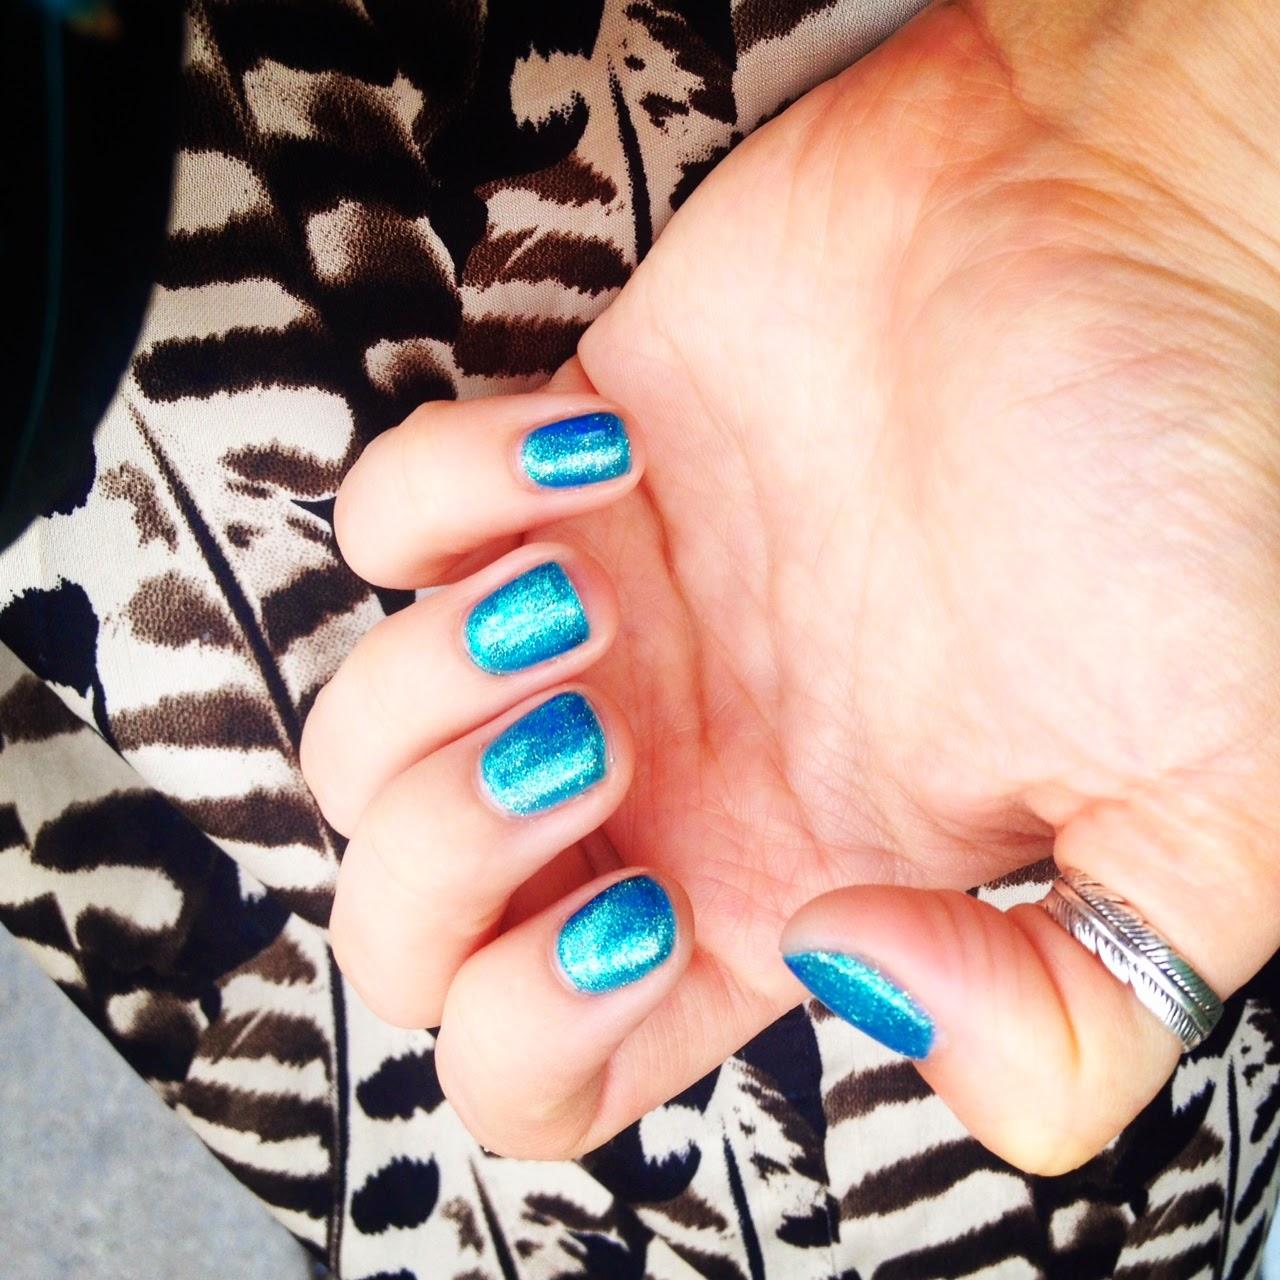 Gelish gel manicure, The Ten Spot